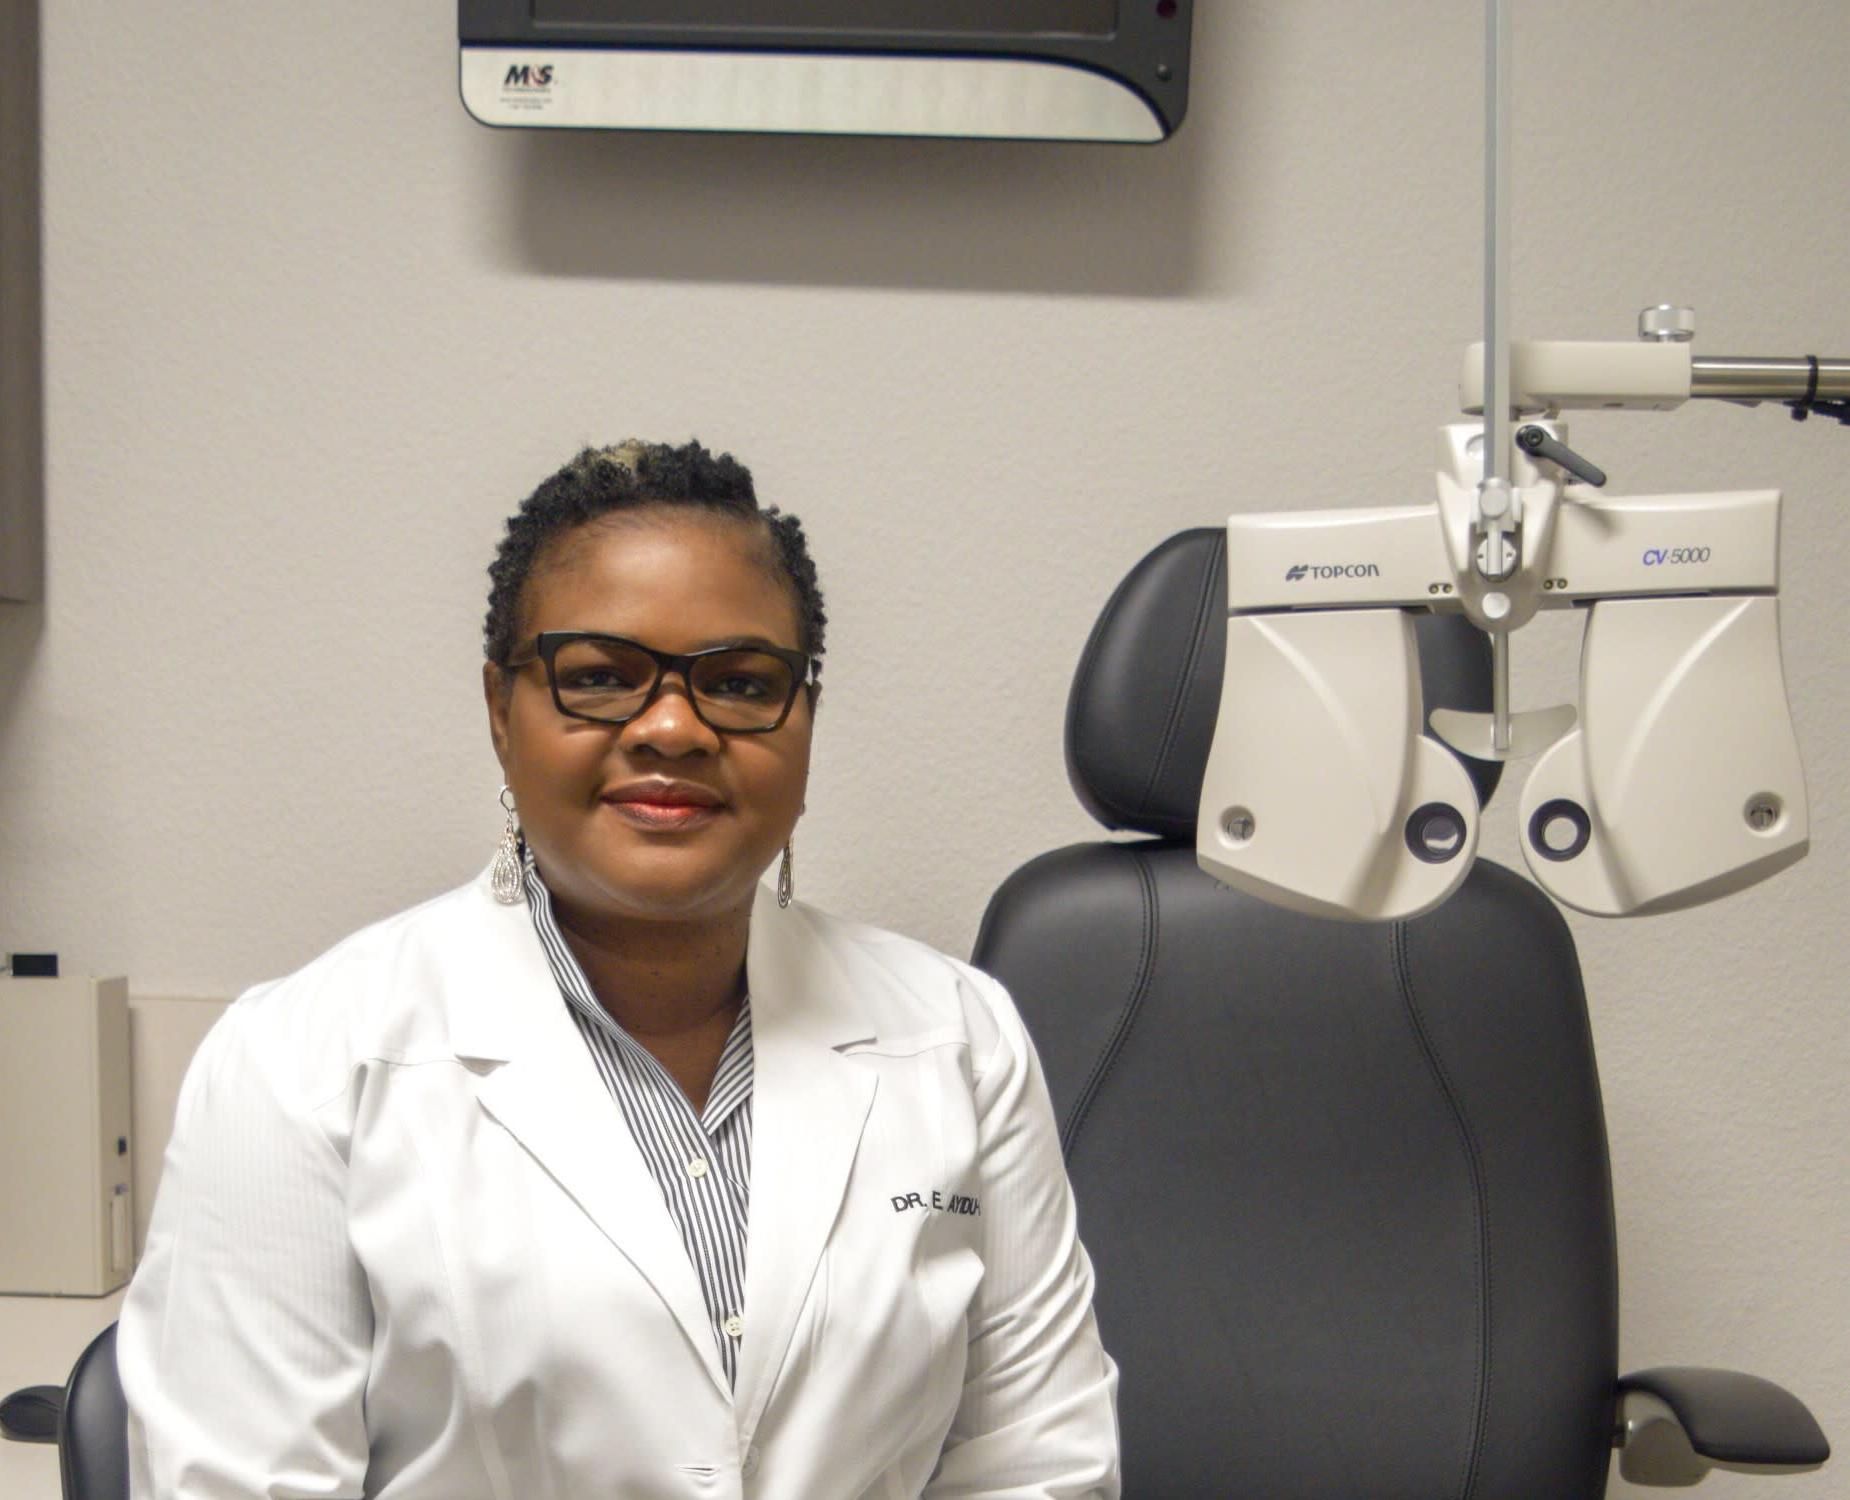 DR. AYIDU-OMO